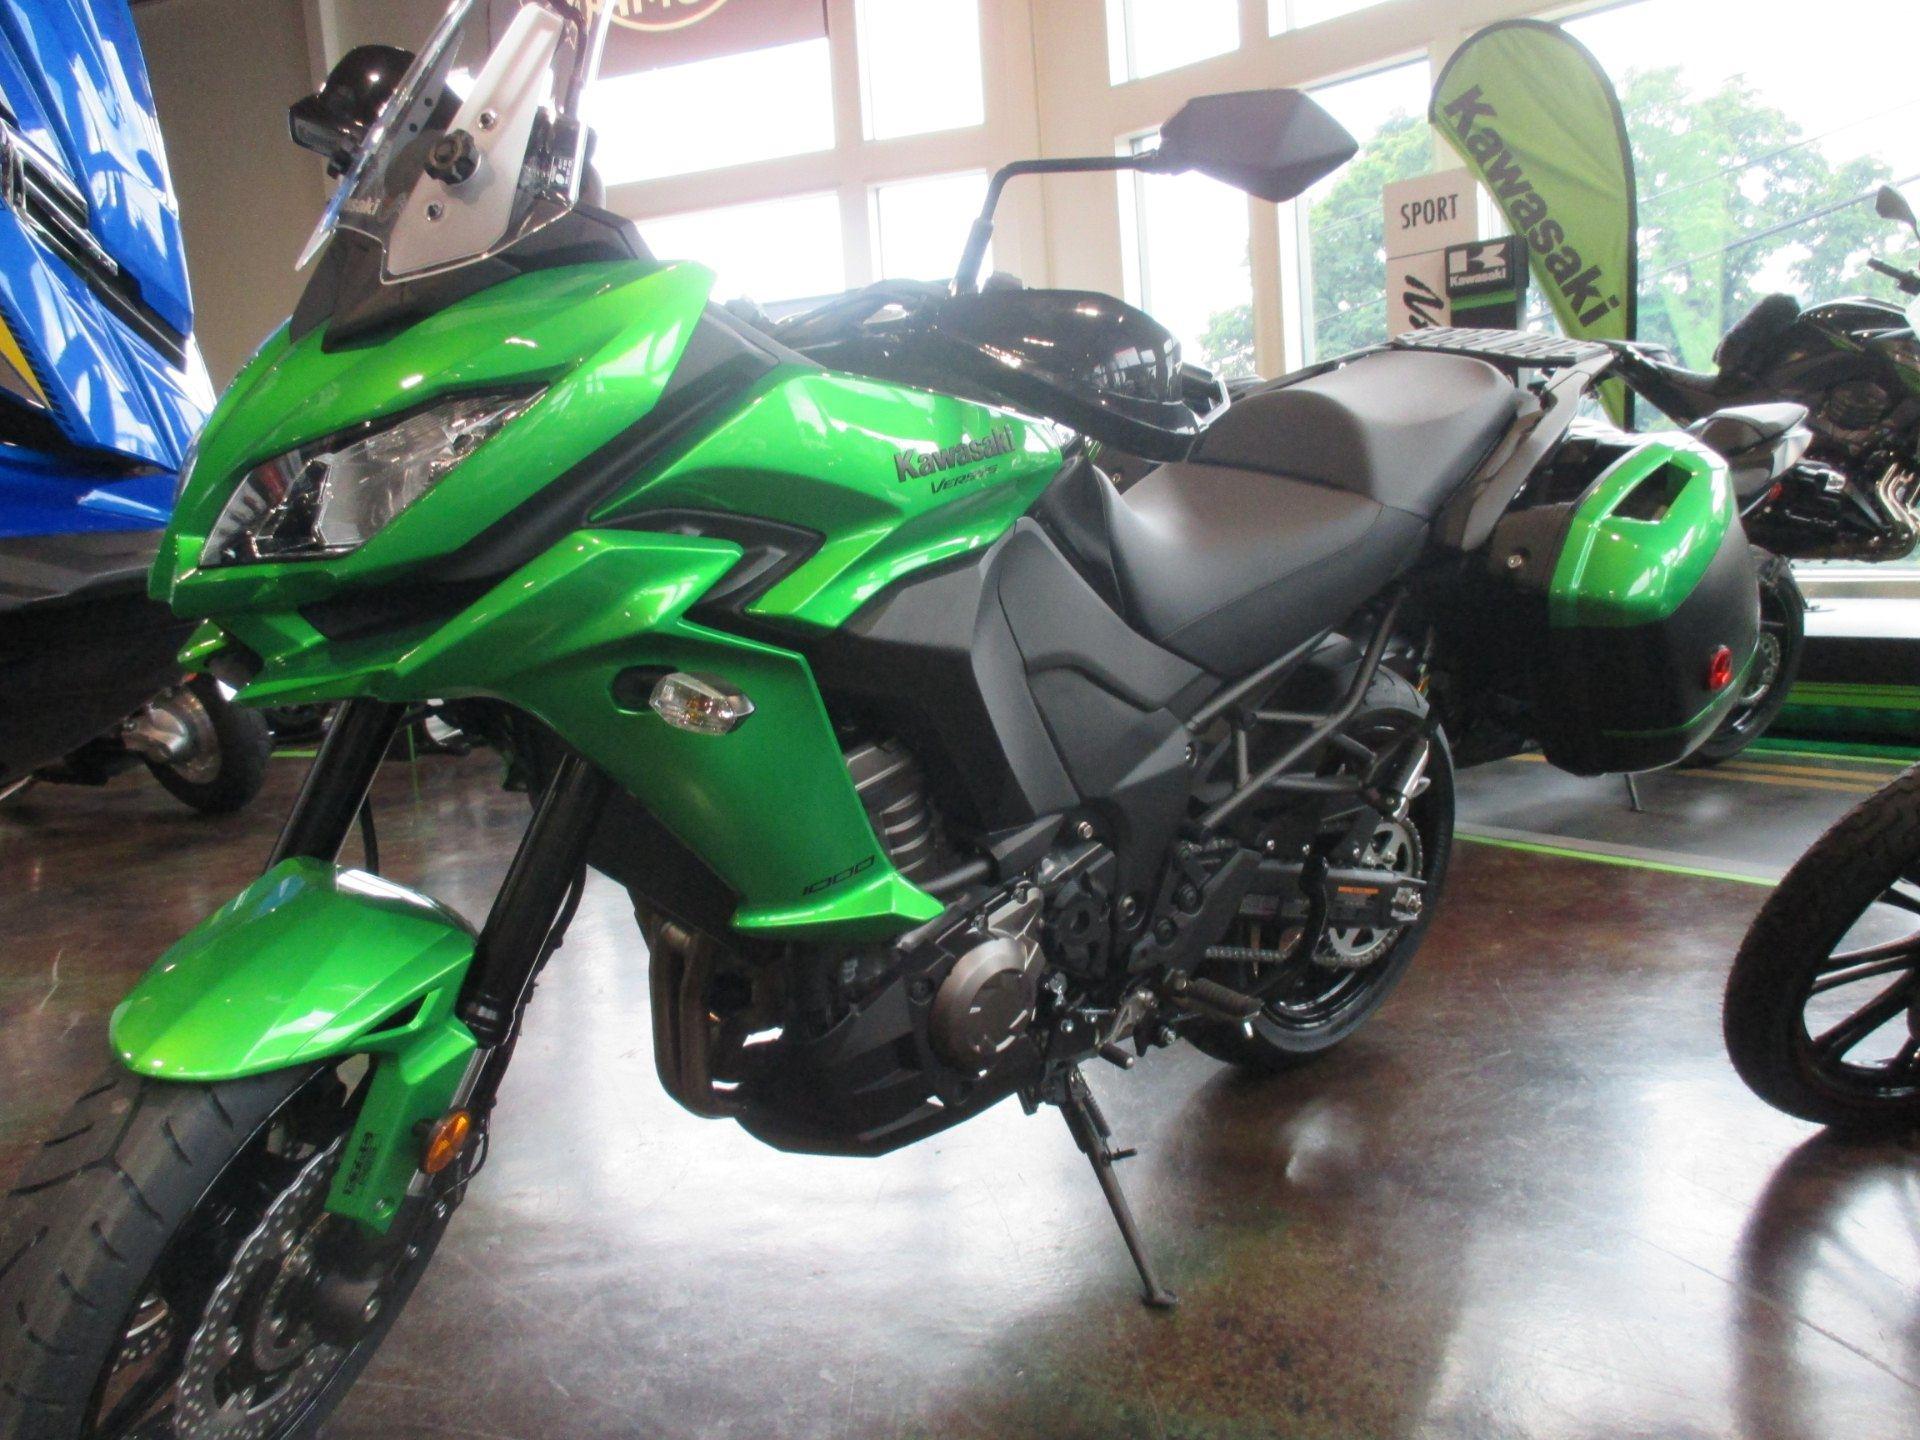 2016 kawasaki versys 1000 lt motorcycles tarentum pennsylvania